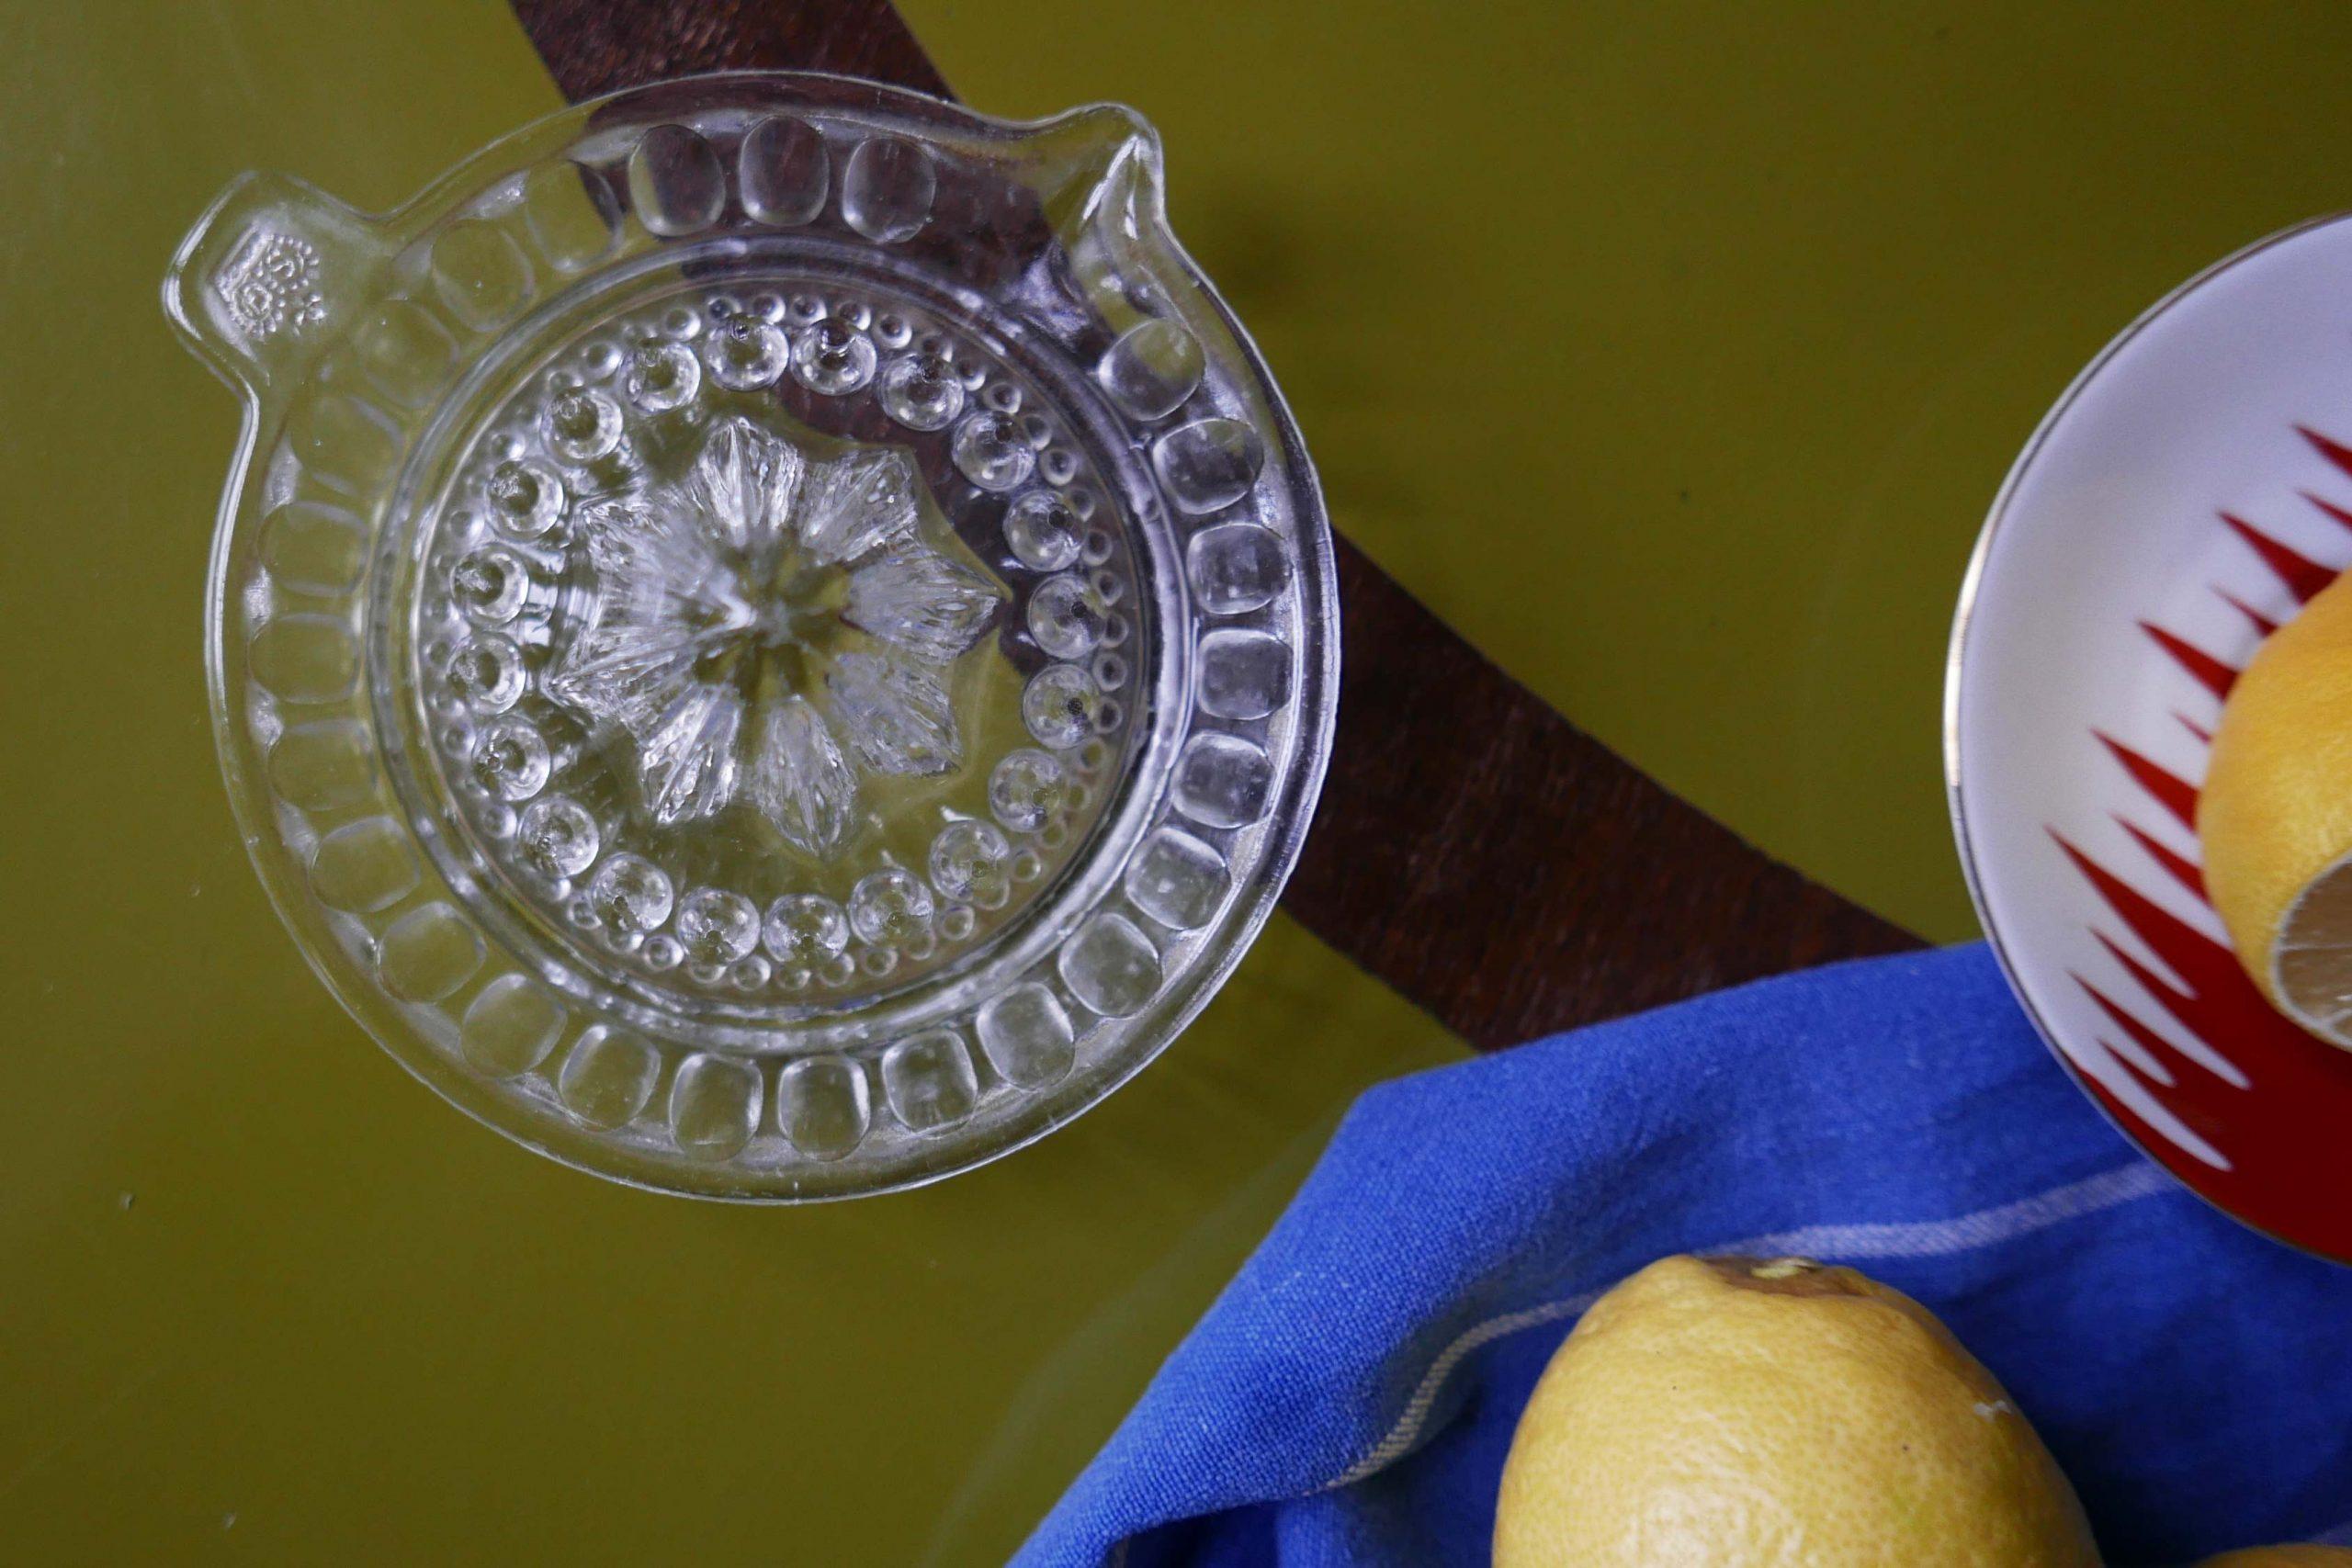 Vintage Zitronenpresse aus Glas auf einem grünen Tisch